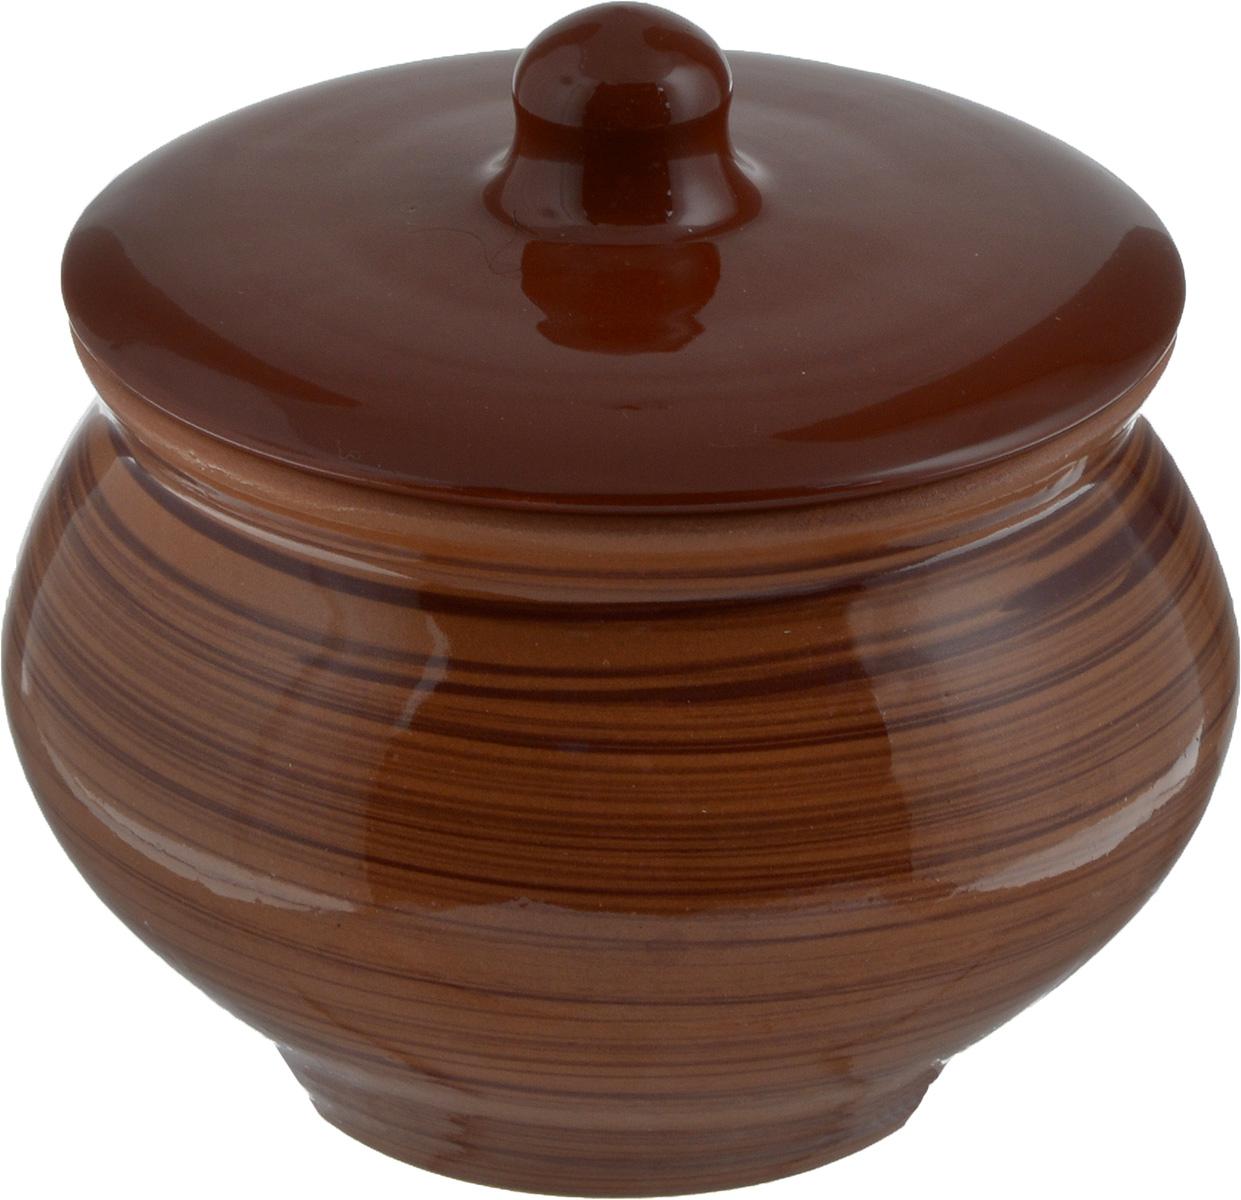 Горшок для запекания Борисовская керамика Cтандарт, с крышкой, цвет: светло-коричневый, 1,3 лОБЧ00000331_полоскиГоршок с крышкой для запекания Борисовская керамика Cтандарт выполнен из высококачественной керамики. Уникальные свойства керамики и толстые стенки изделия обеспечивают эффект русской печи при приготовлении блюд. Блюда, приготовленные в таком горшочке, получаются нежными и сочными. Вы сможете приготовить мясо, сделать томленые овощи и все это без капли масла. Это один из самых здоровых способов готовки. Предназначен горшок для приготовления блюд в духовом шкафу и микроволновой печи. Диаметр горшка (по верхнему краю): 15 см. Высота стенок: 11,5 см.